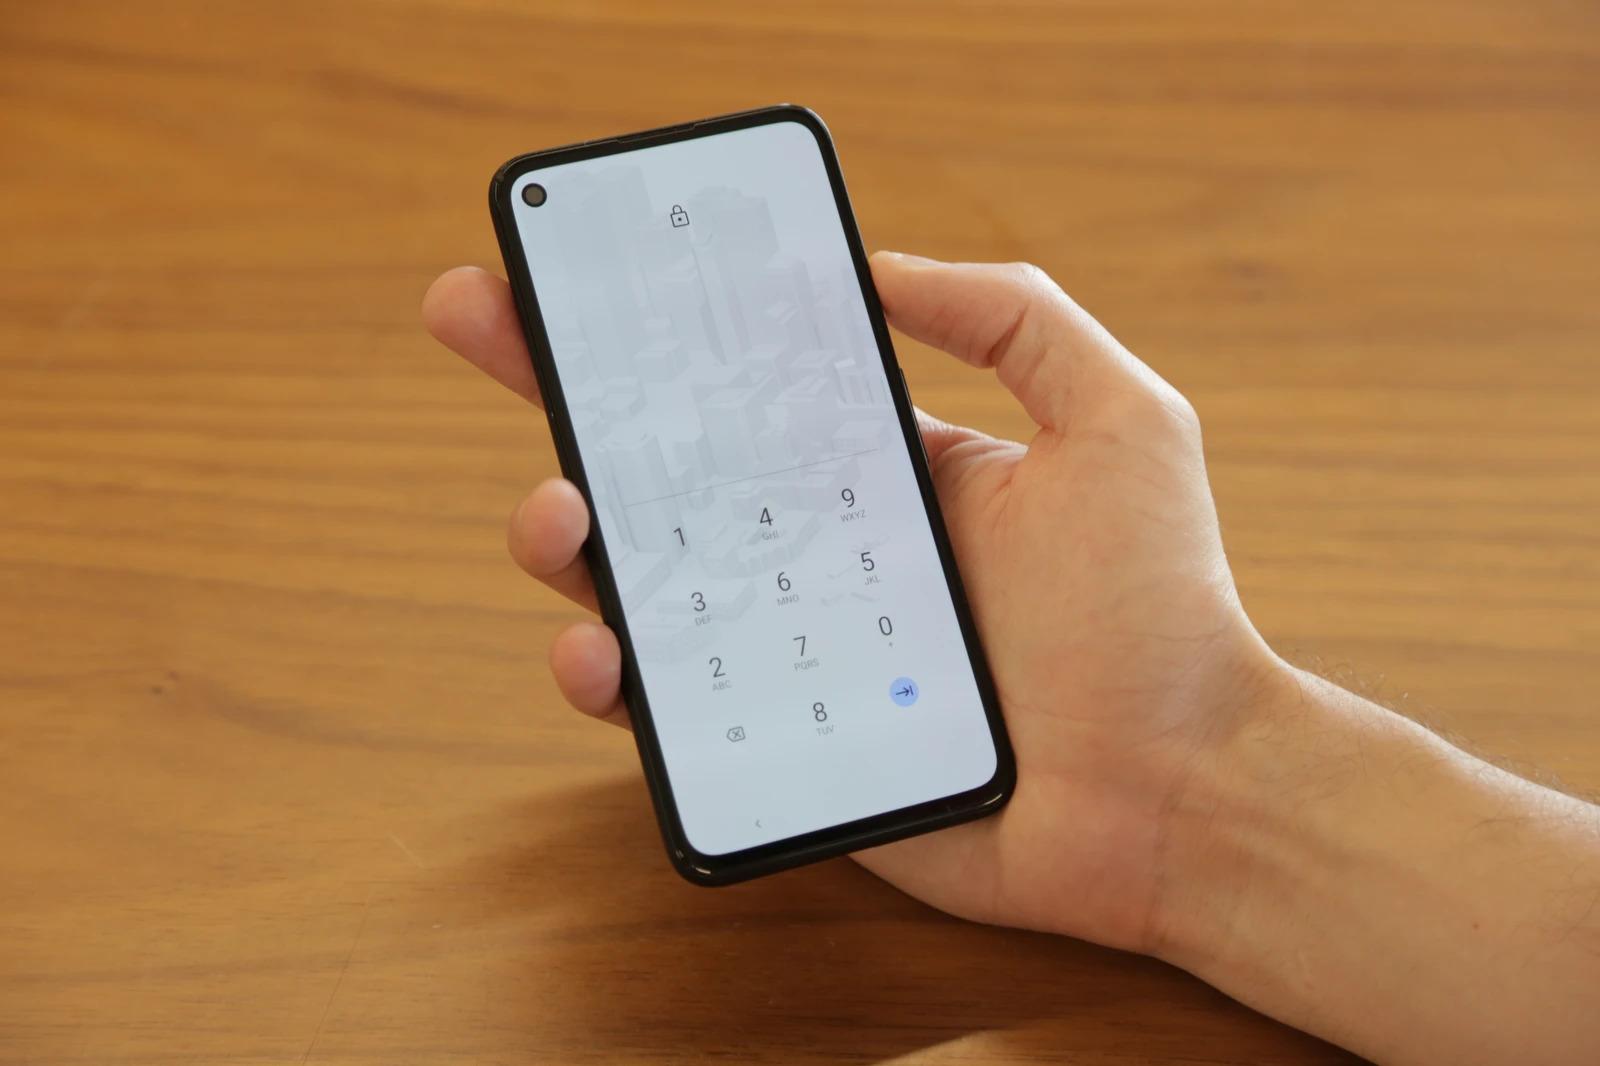 Le FBI vend un smartphone pour espionner, Leroy Merlin annonce une alarme, Windows 11 délaisse les tuiles- Tech'spresso